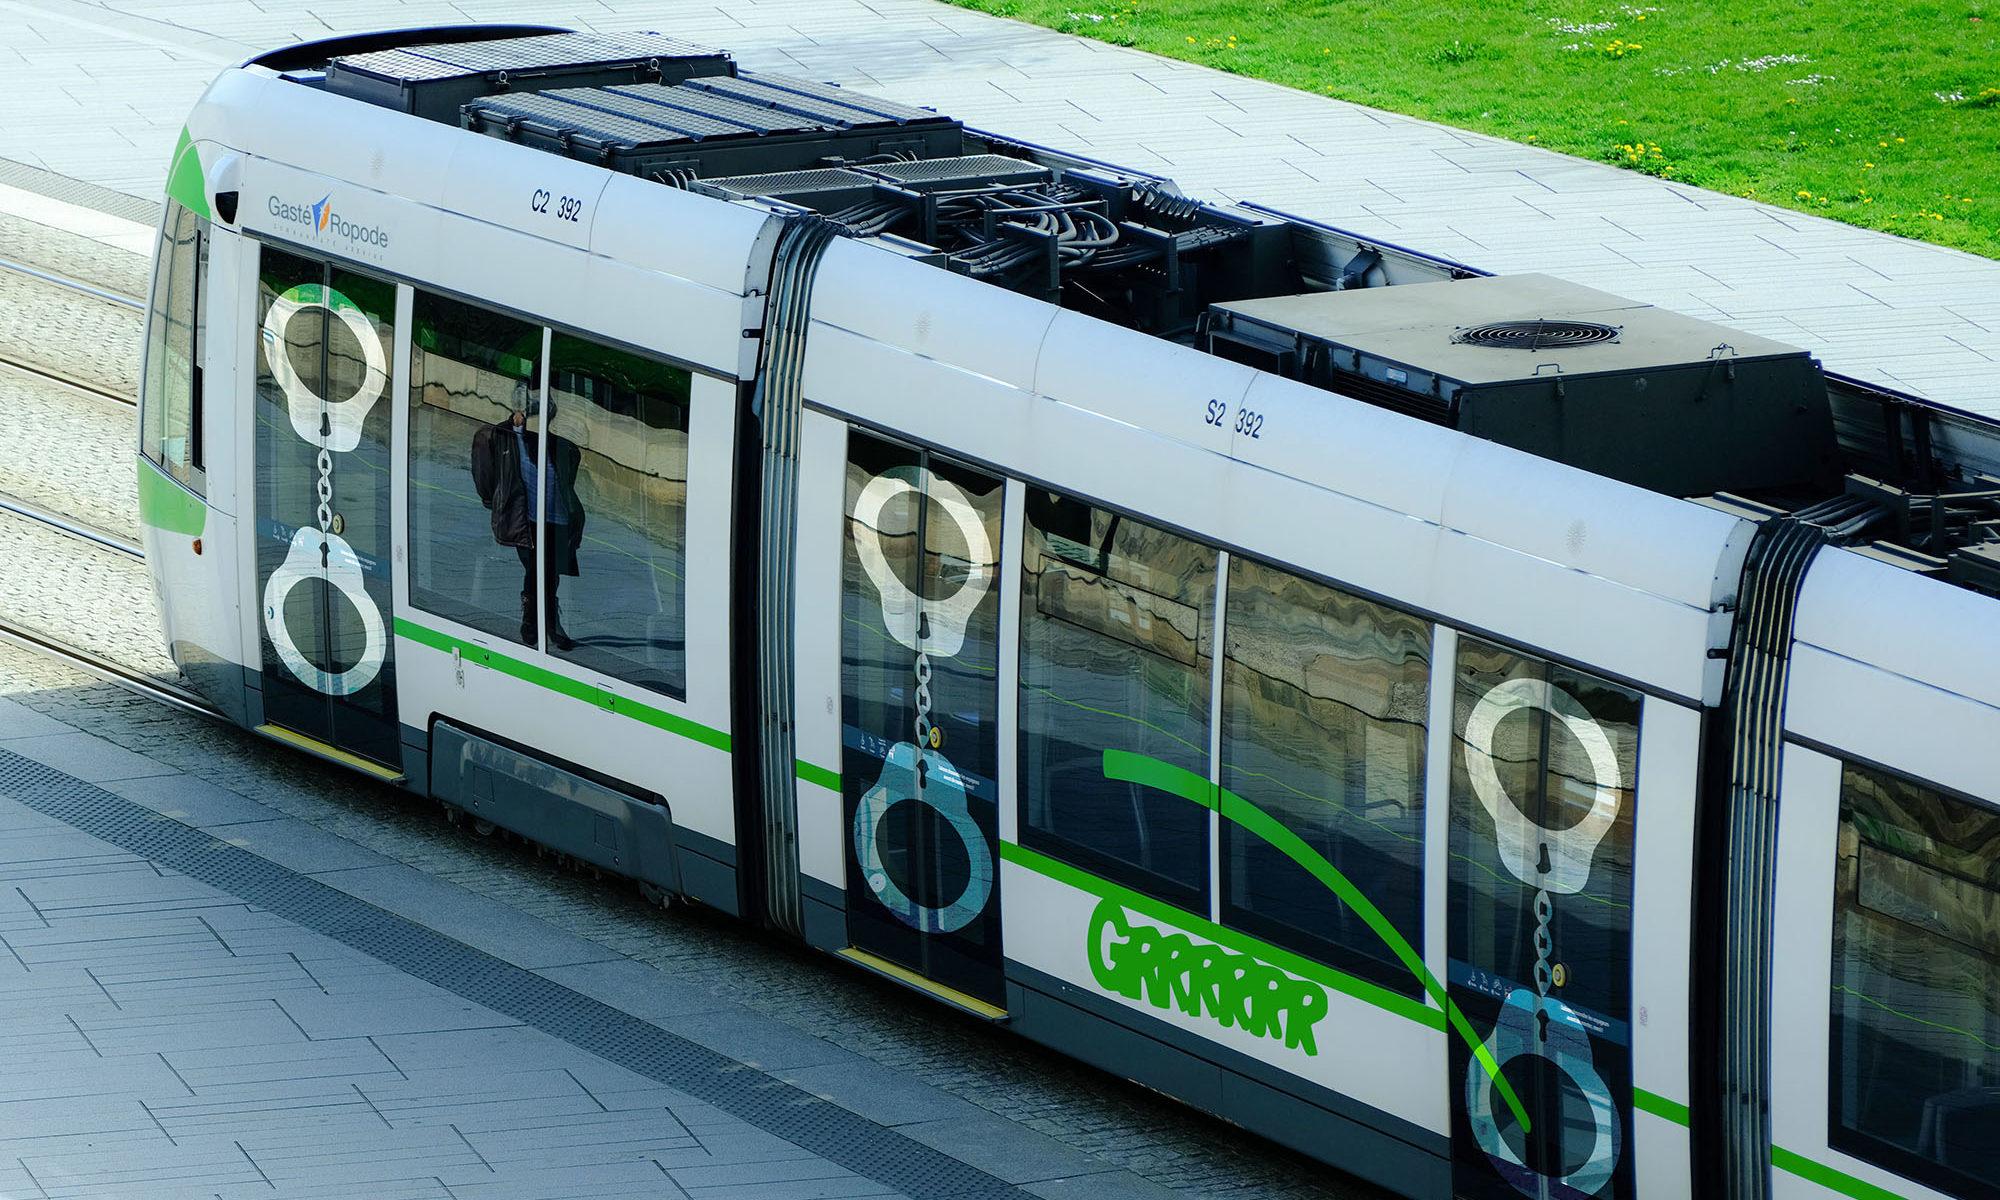 Le projet de déco des tramways nantais pour résoudre les problèmes d'insécurité